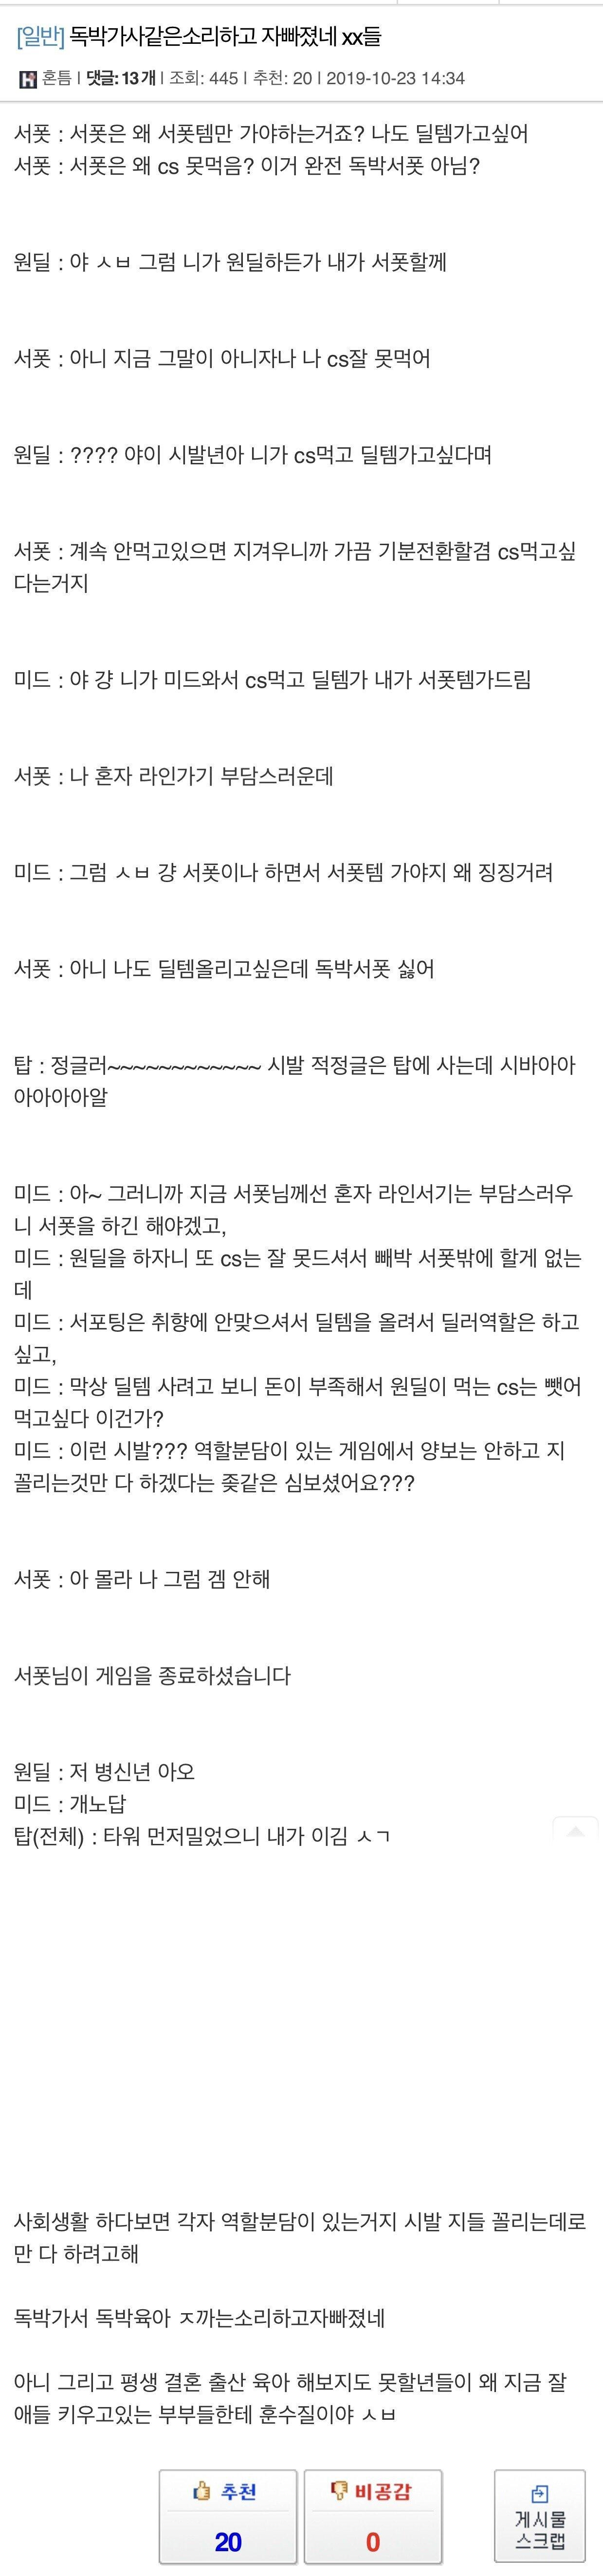 82년생 김지영 ... 이해하기쉽게 정리 ㄷㄷㄷㄷ